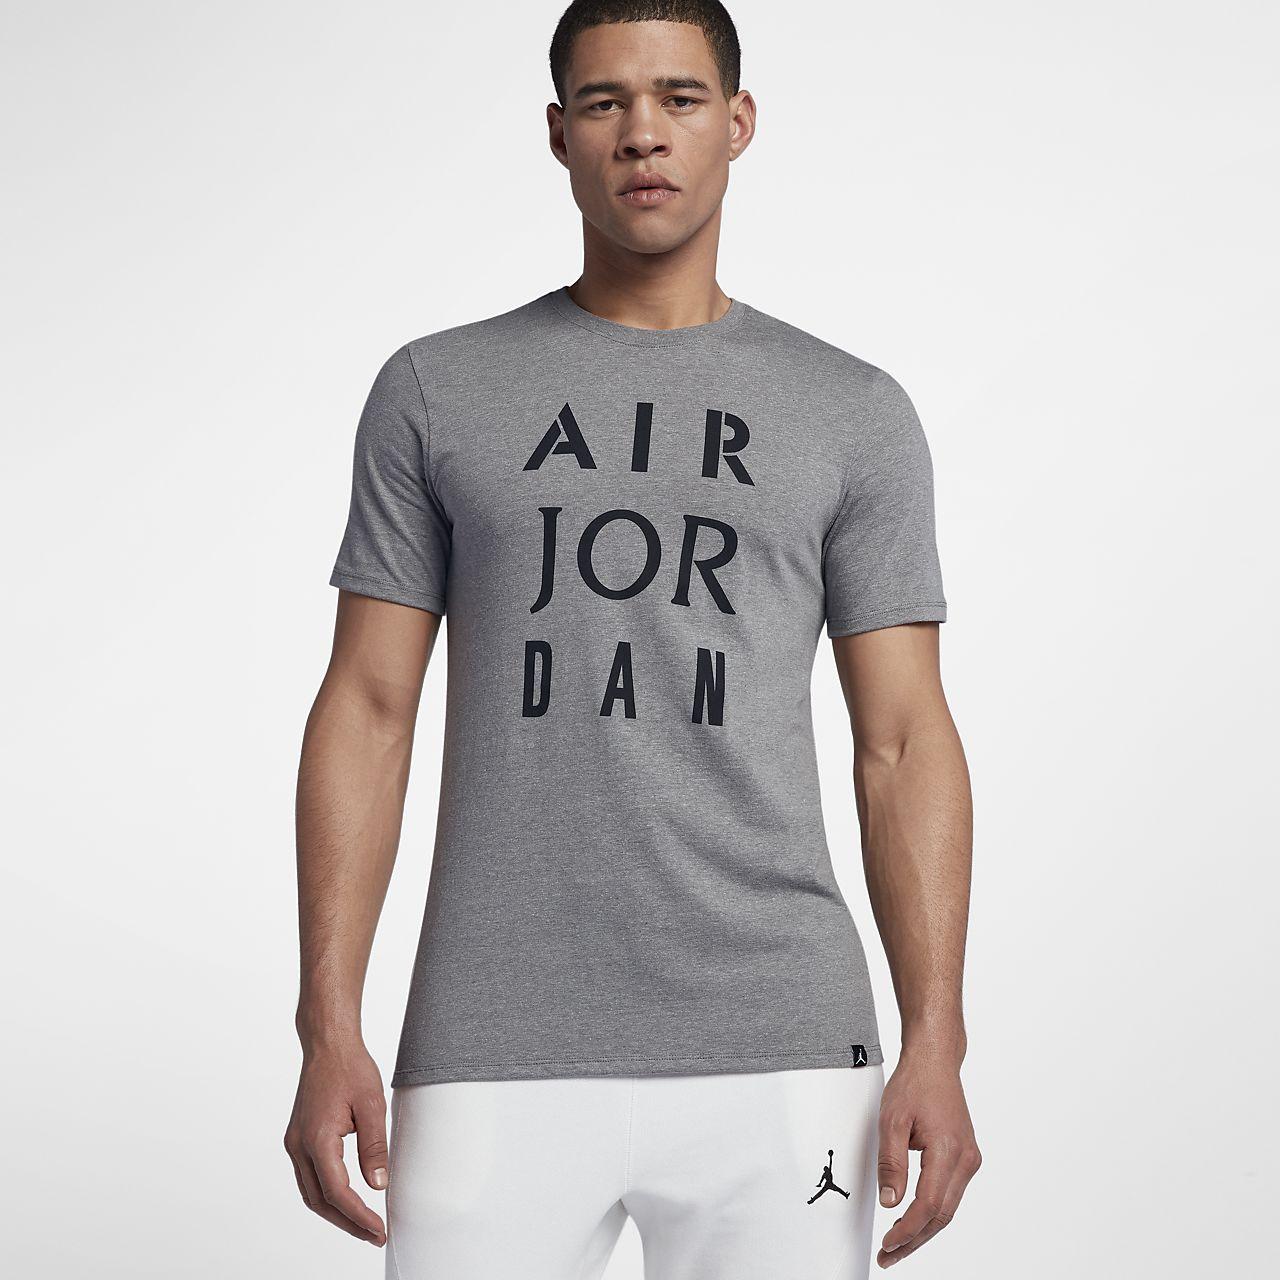 ... Air Jordan Sportswear Men's T-Shirt